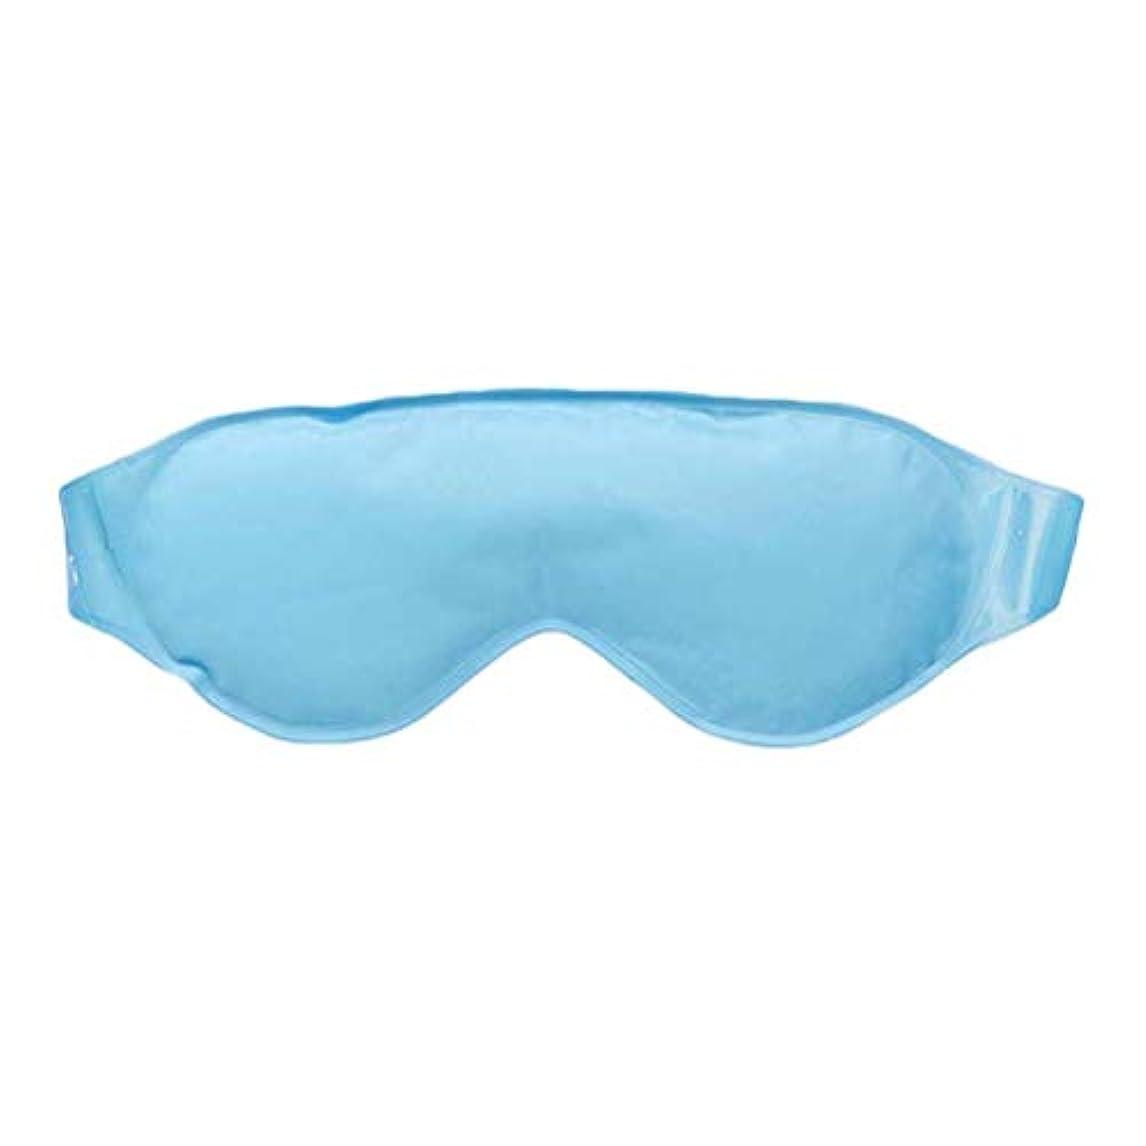 略語適切な政治SUPVOX アイスフェイス物理的冷却アイマスクアイスコンプレッションバッグアイレリーフマスク(ブルー)